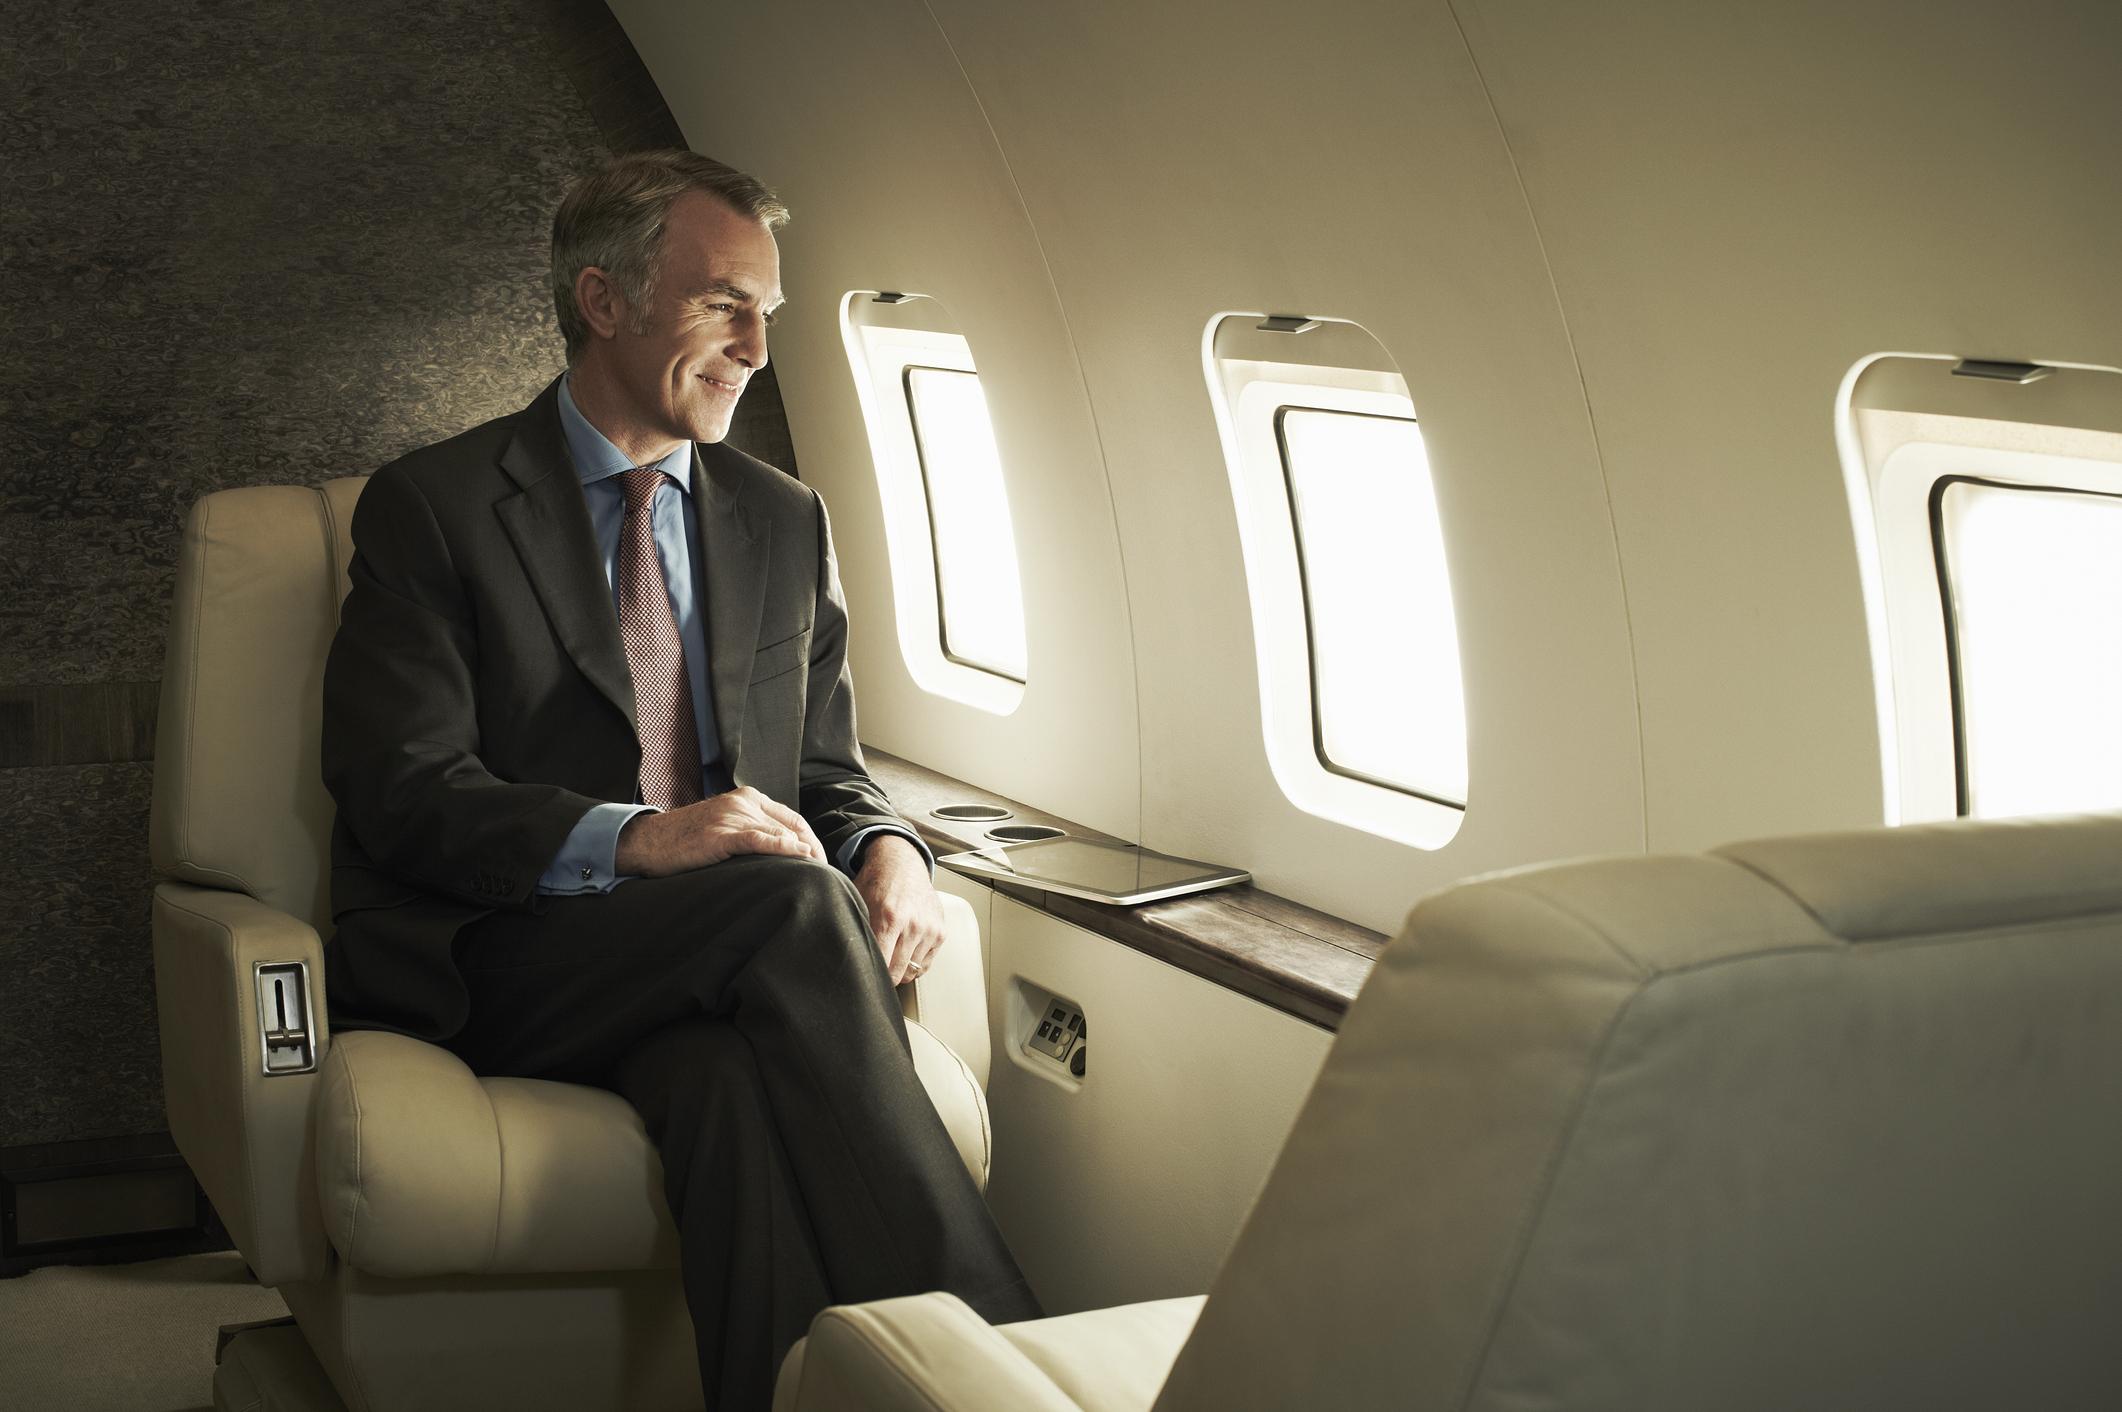 nell'anno-del-covid-continua-a-crescere-la-ricchezza-mondiale.-in-italia-187mila-nuovi-milionari